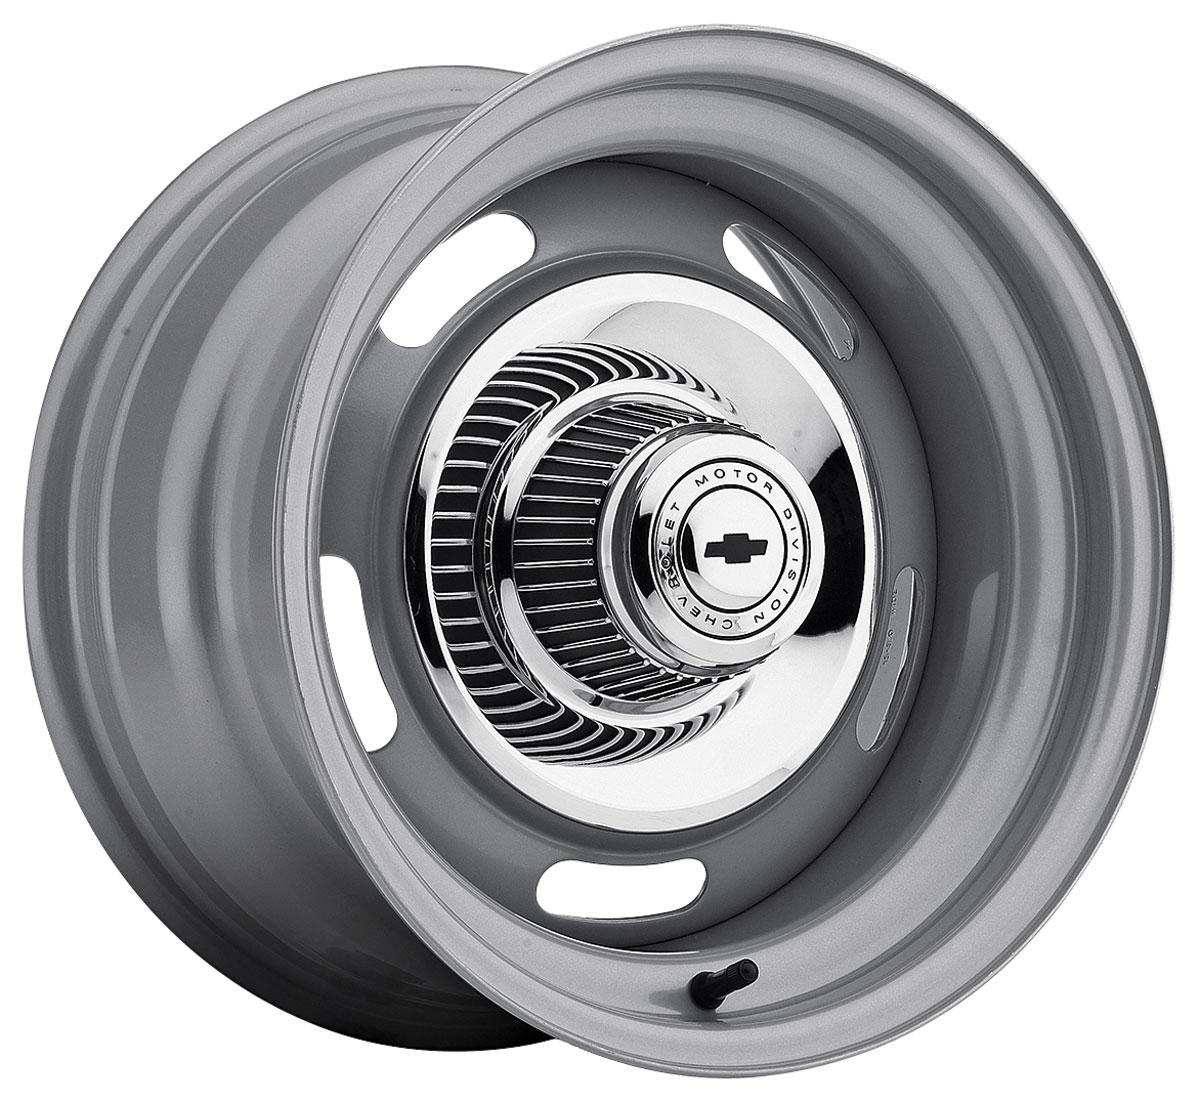 Rally Wheel, Silver, 15